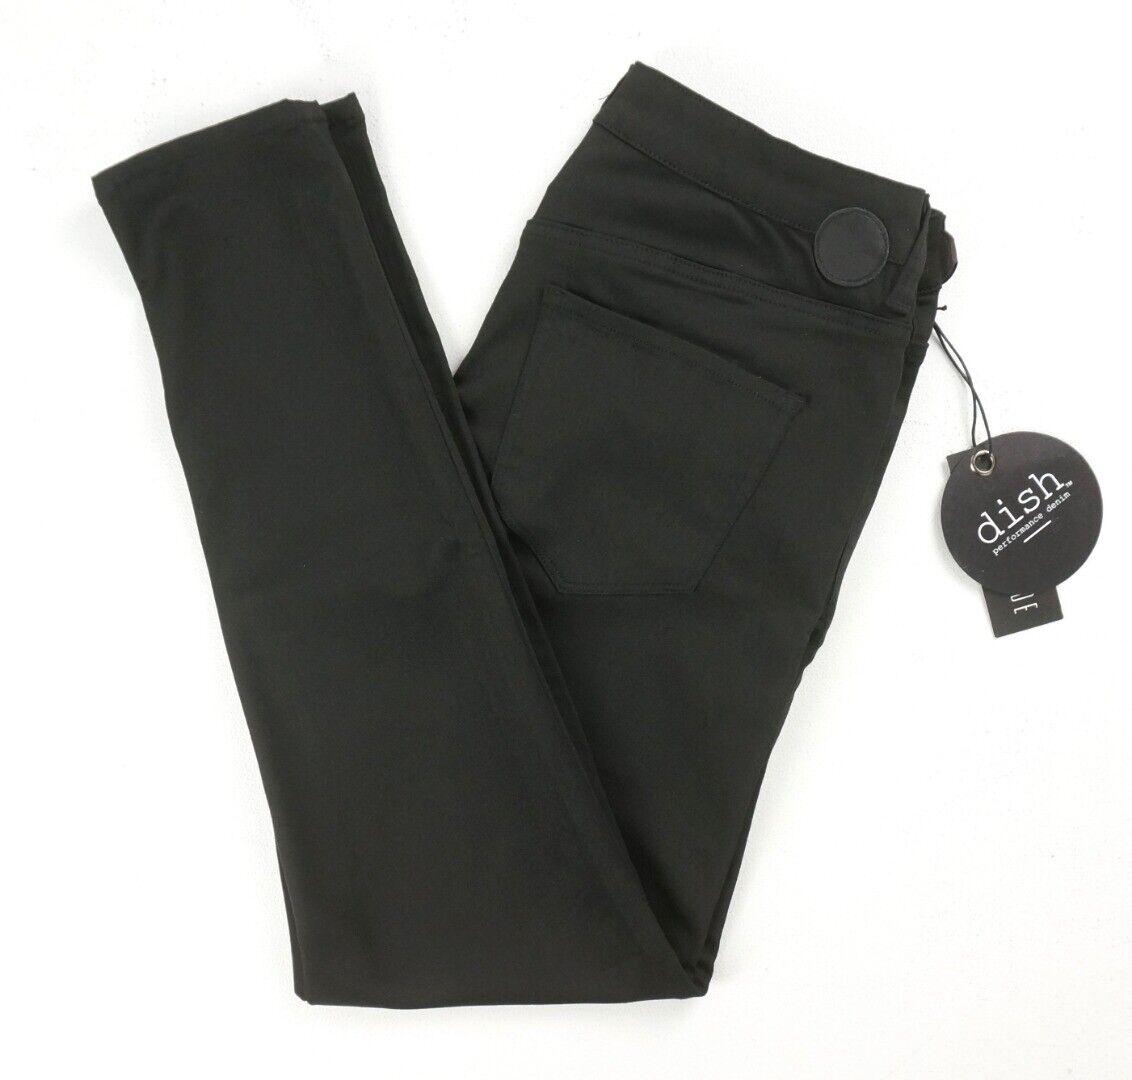 Neuf Plat Forever schwarz No Fade Performance Jeans Pantalon Skinny Größe 28X28